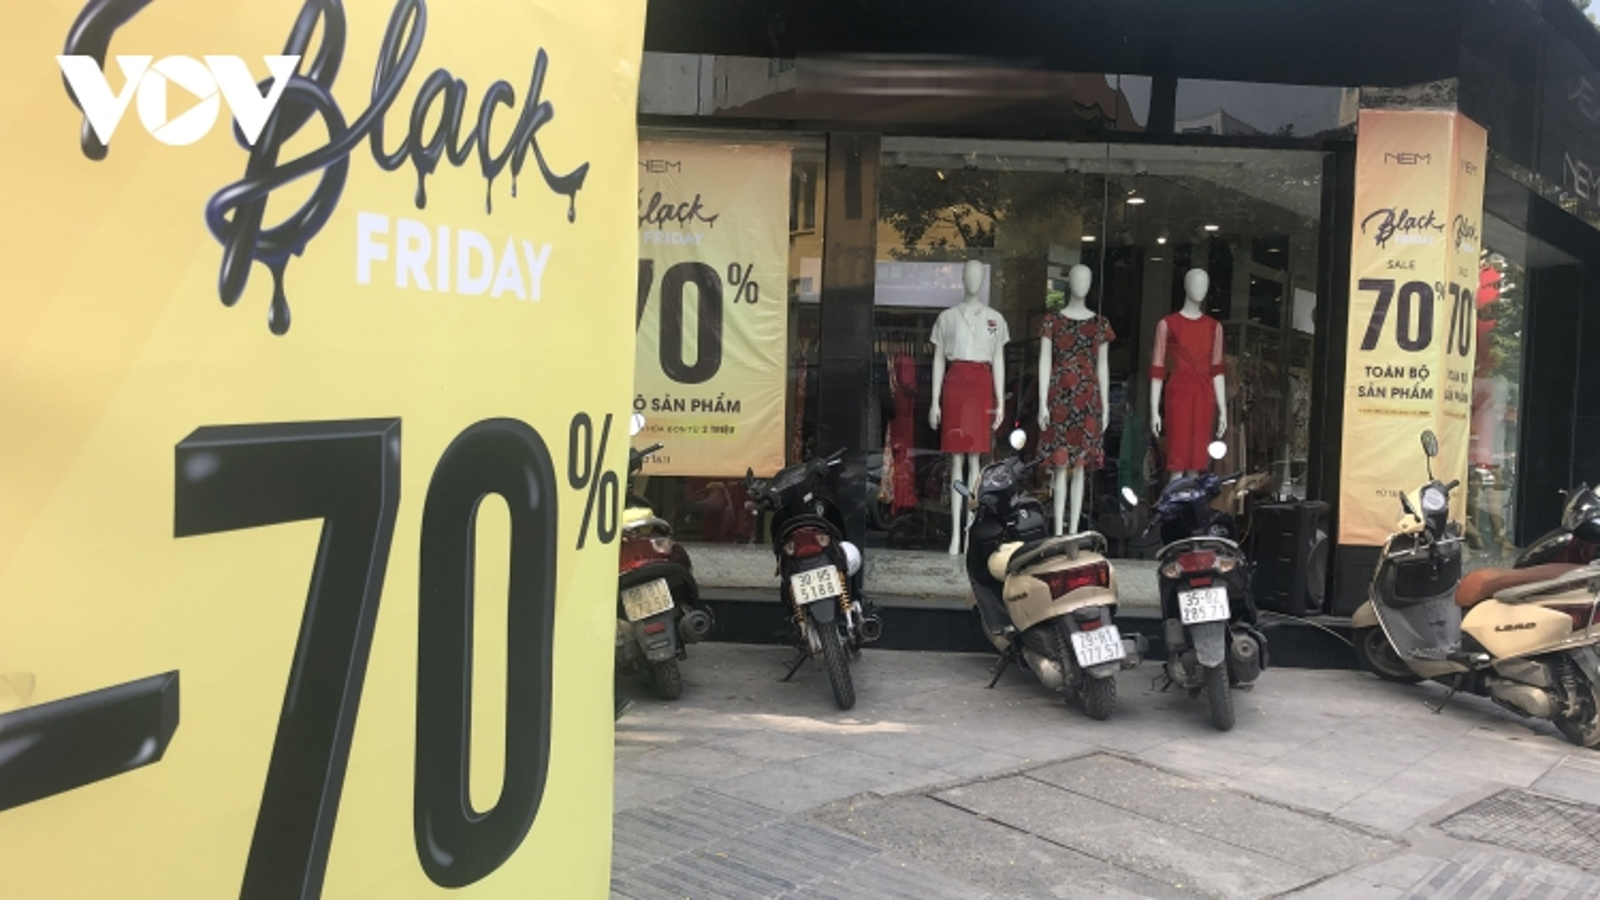 """Black Friday 2020: Giảm giá """"sập sàn"""" nhưng nhiều nơi vắng như chùa Bà Đanh"""